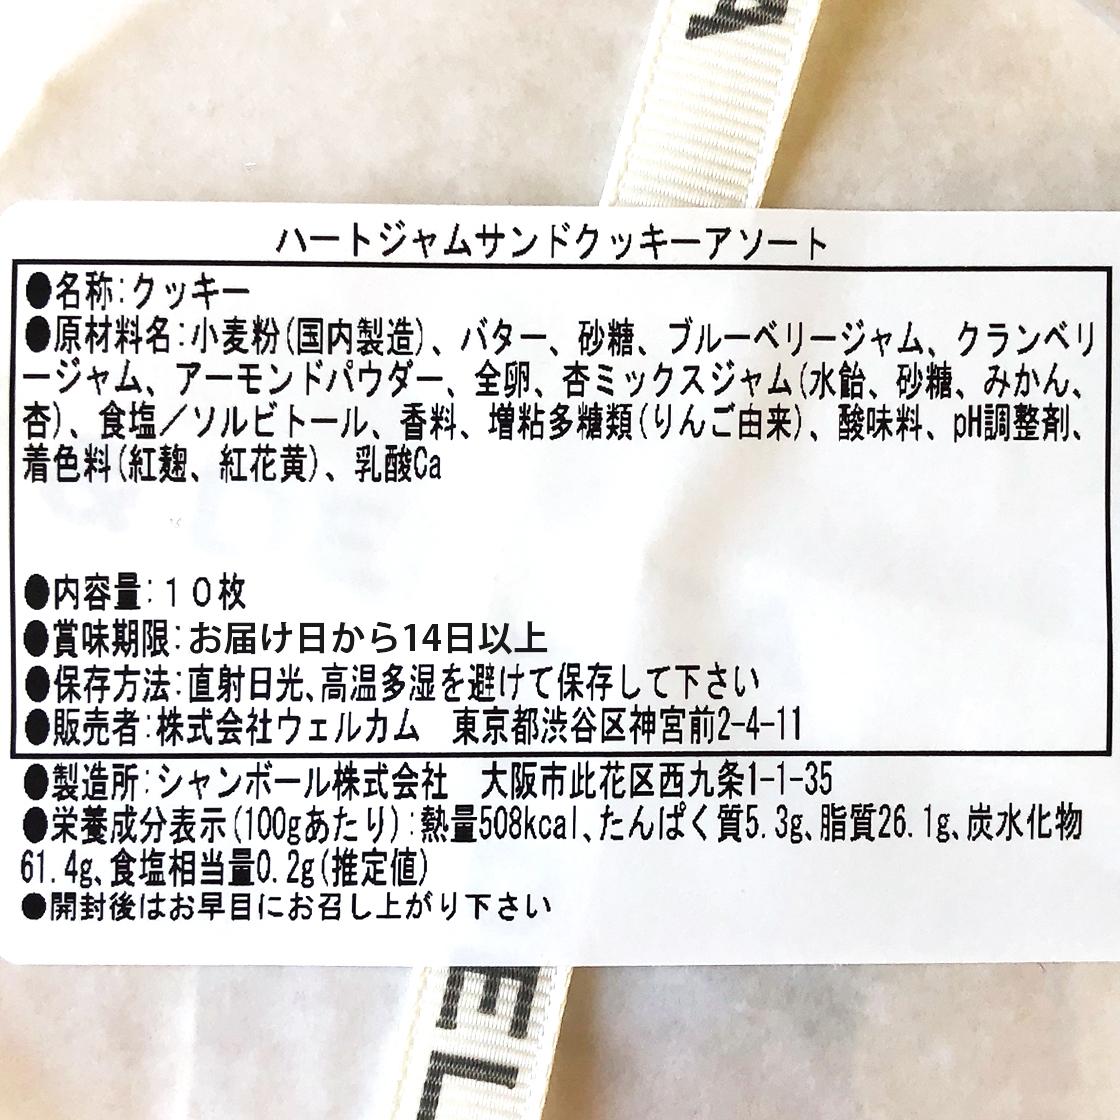 カタログギフト/ブックタイプ+焼き菓子+コーヒー[ディーン&デルーカ] 29